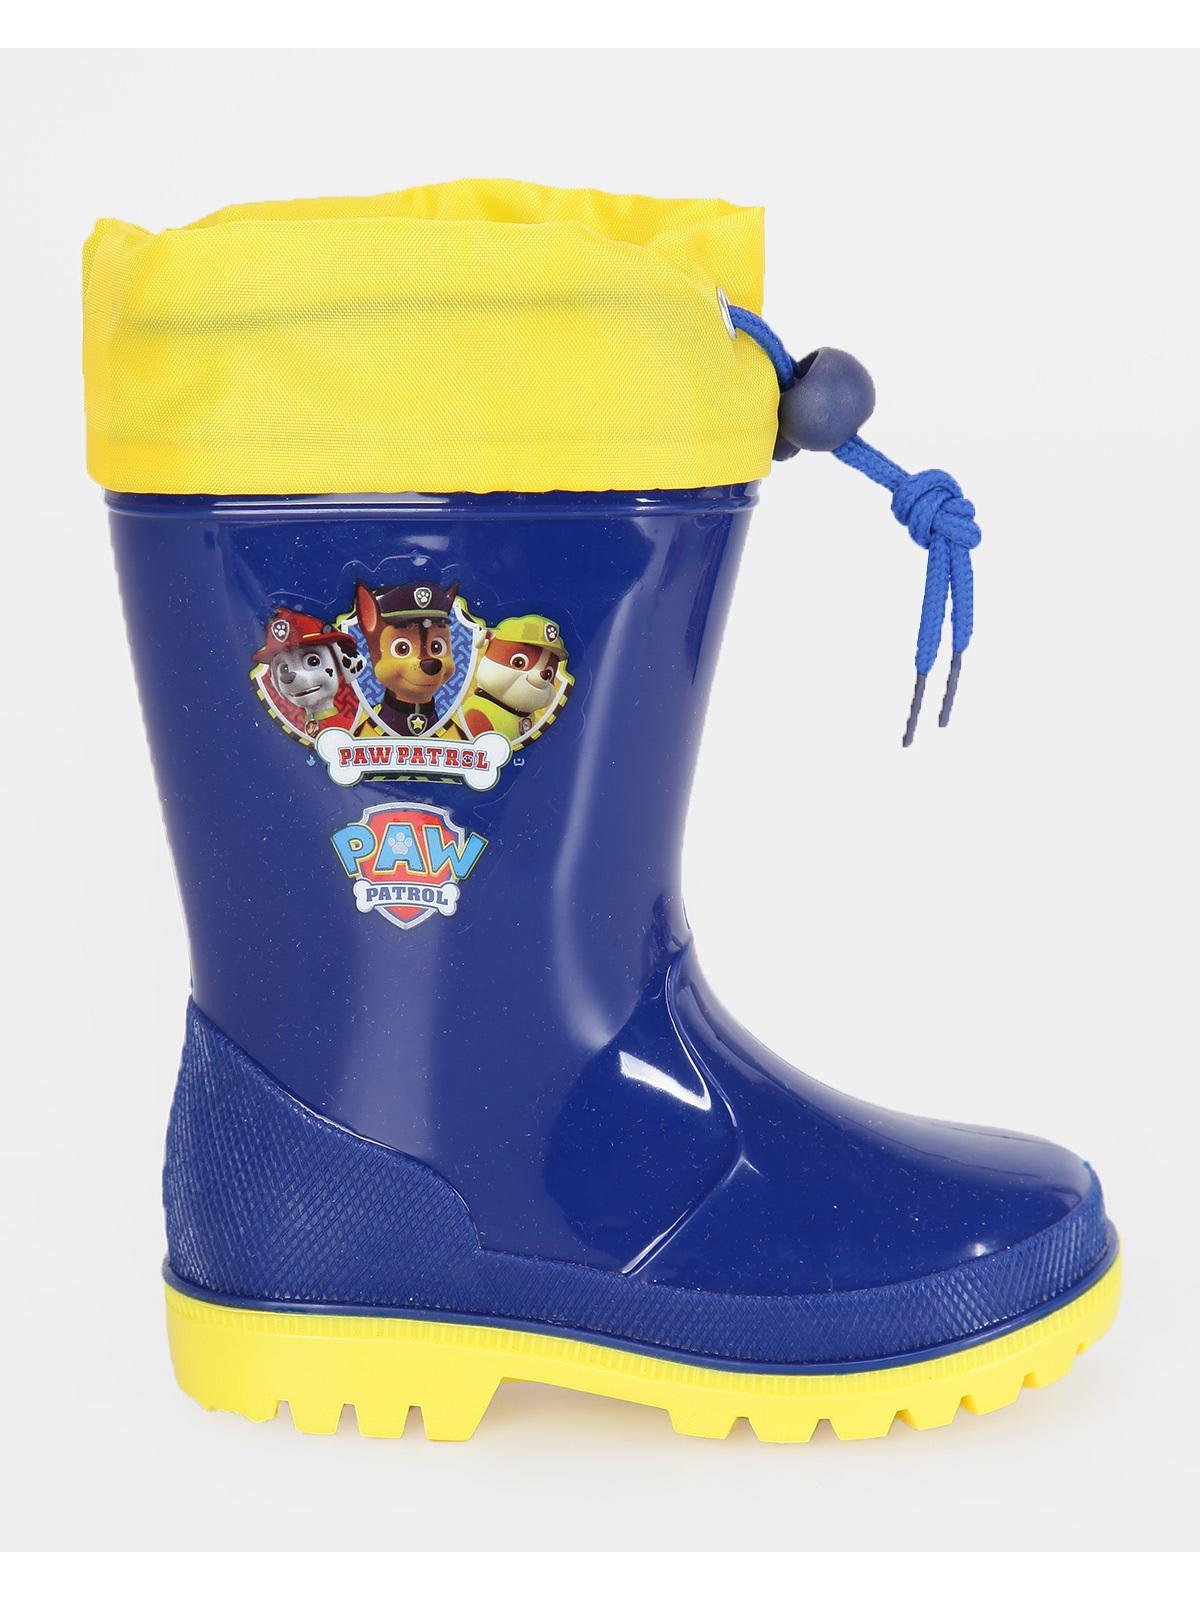 check-out ordinare on-line Sconto del 60% Stivali da pioggia patrol   MecShopping